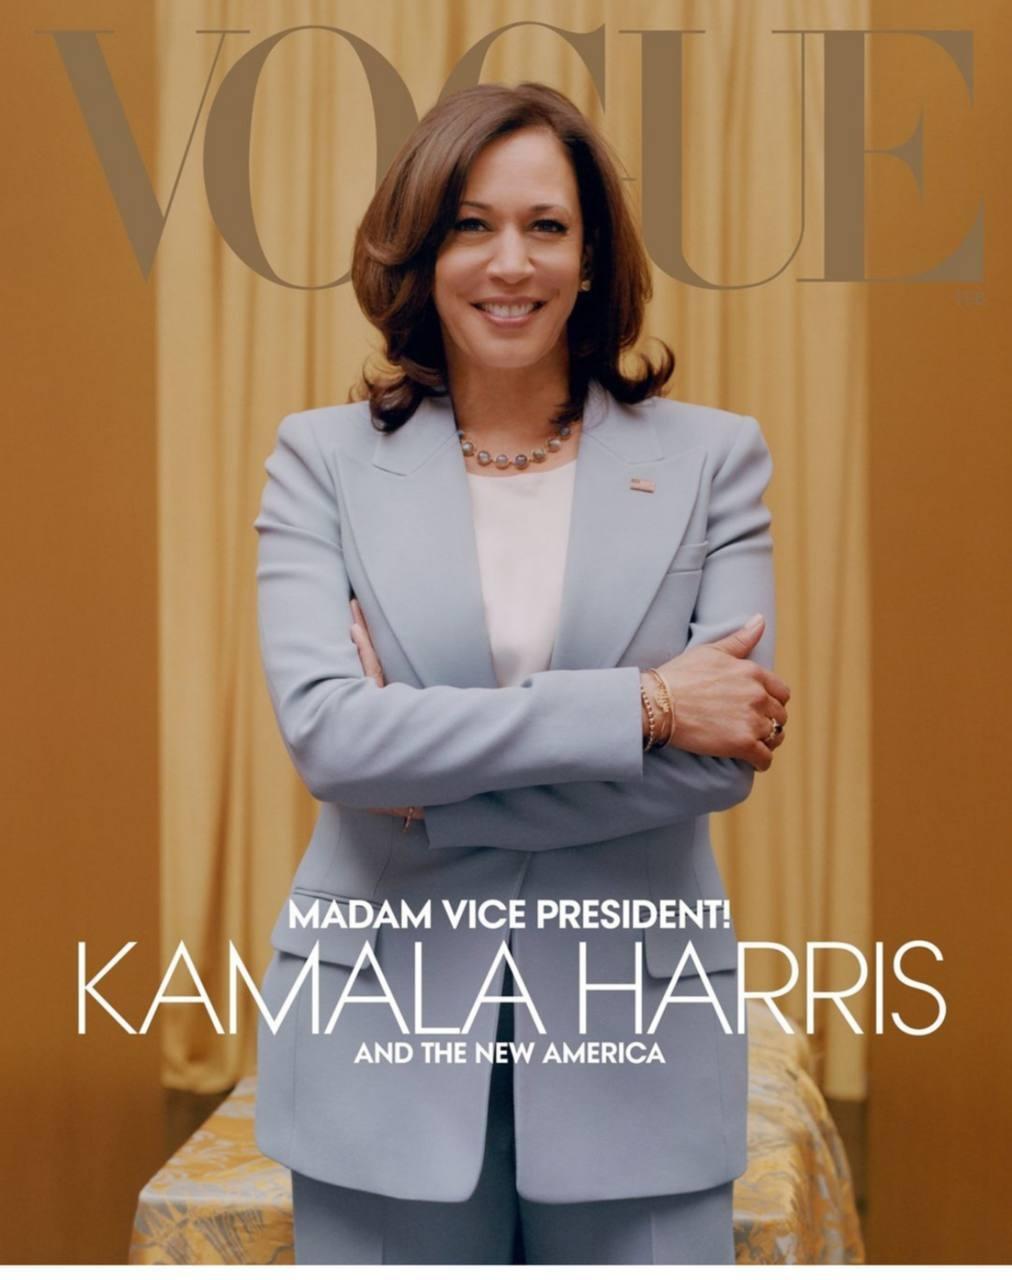 Камала Харрис украсила новую обложку американского Vogue (ФОТО) - фото №1